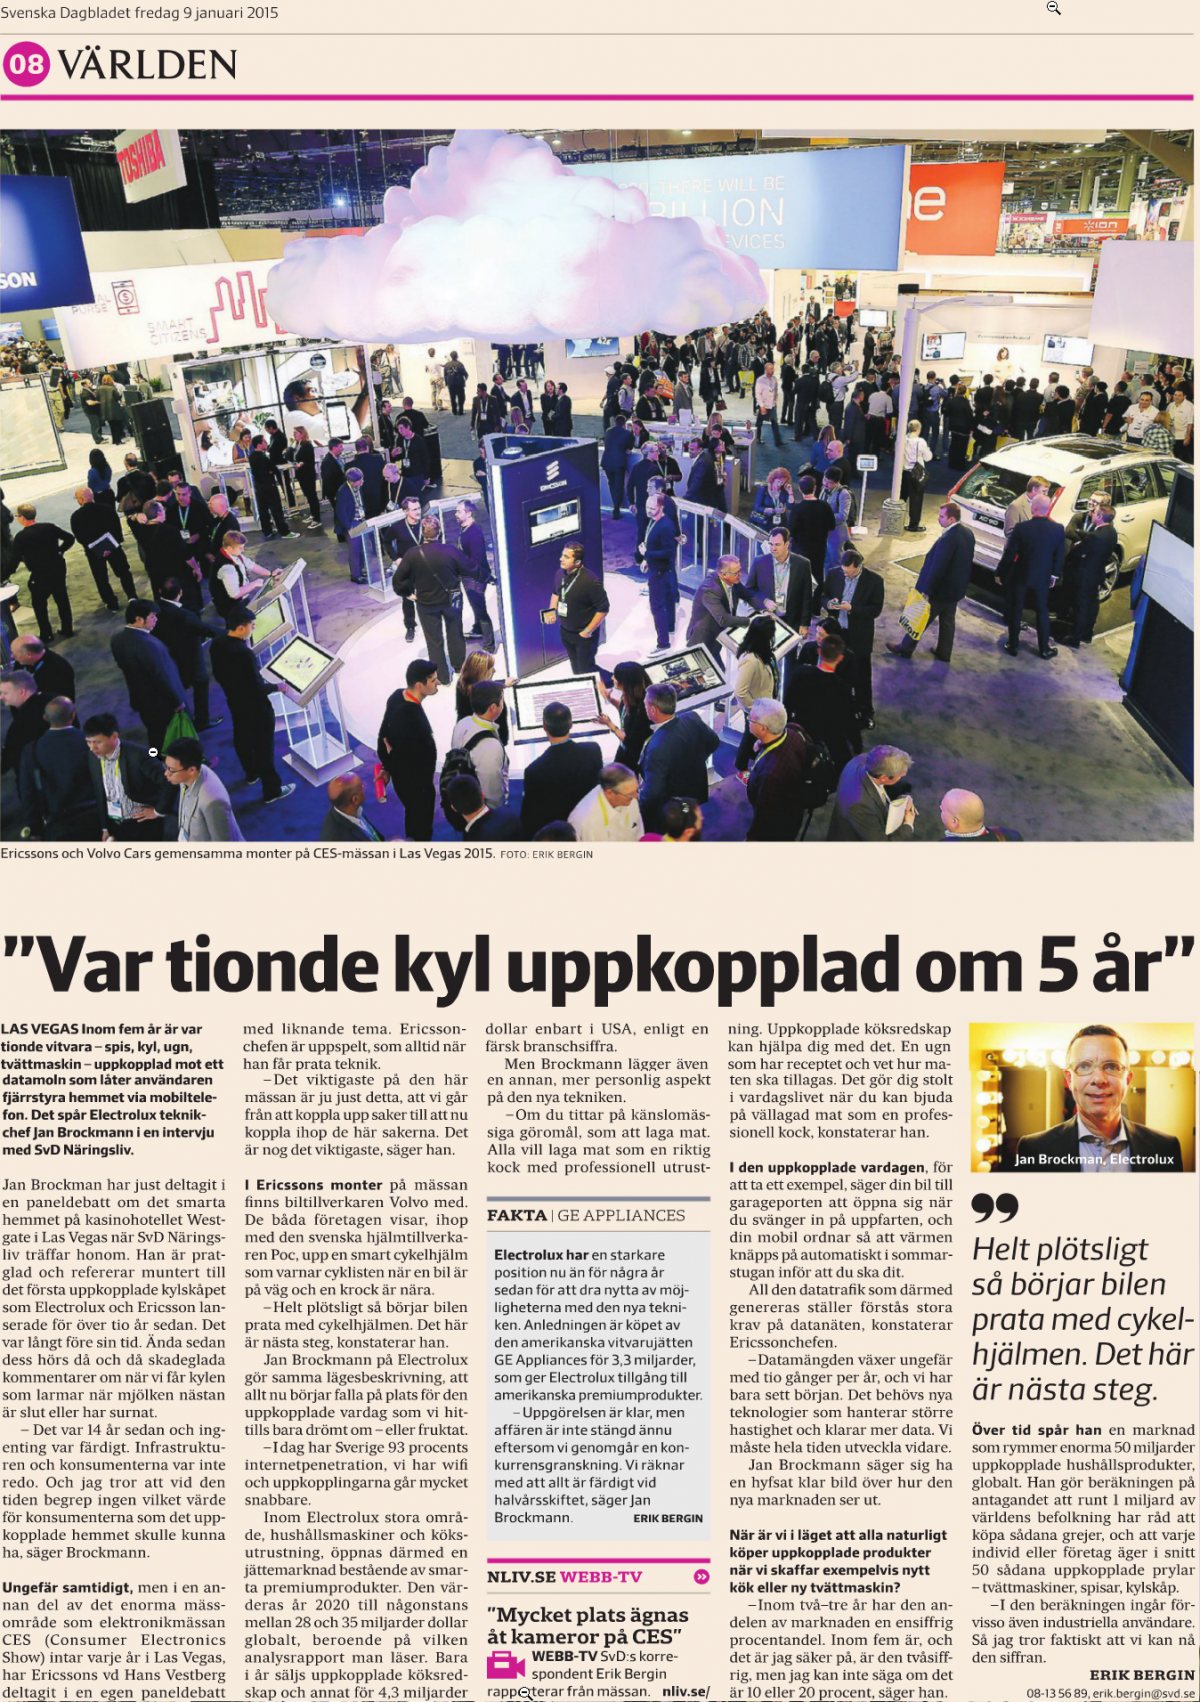 Intervjun med Jan Brockman på Electrolux lördagen den 10 januari 2015.